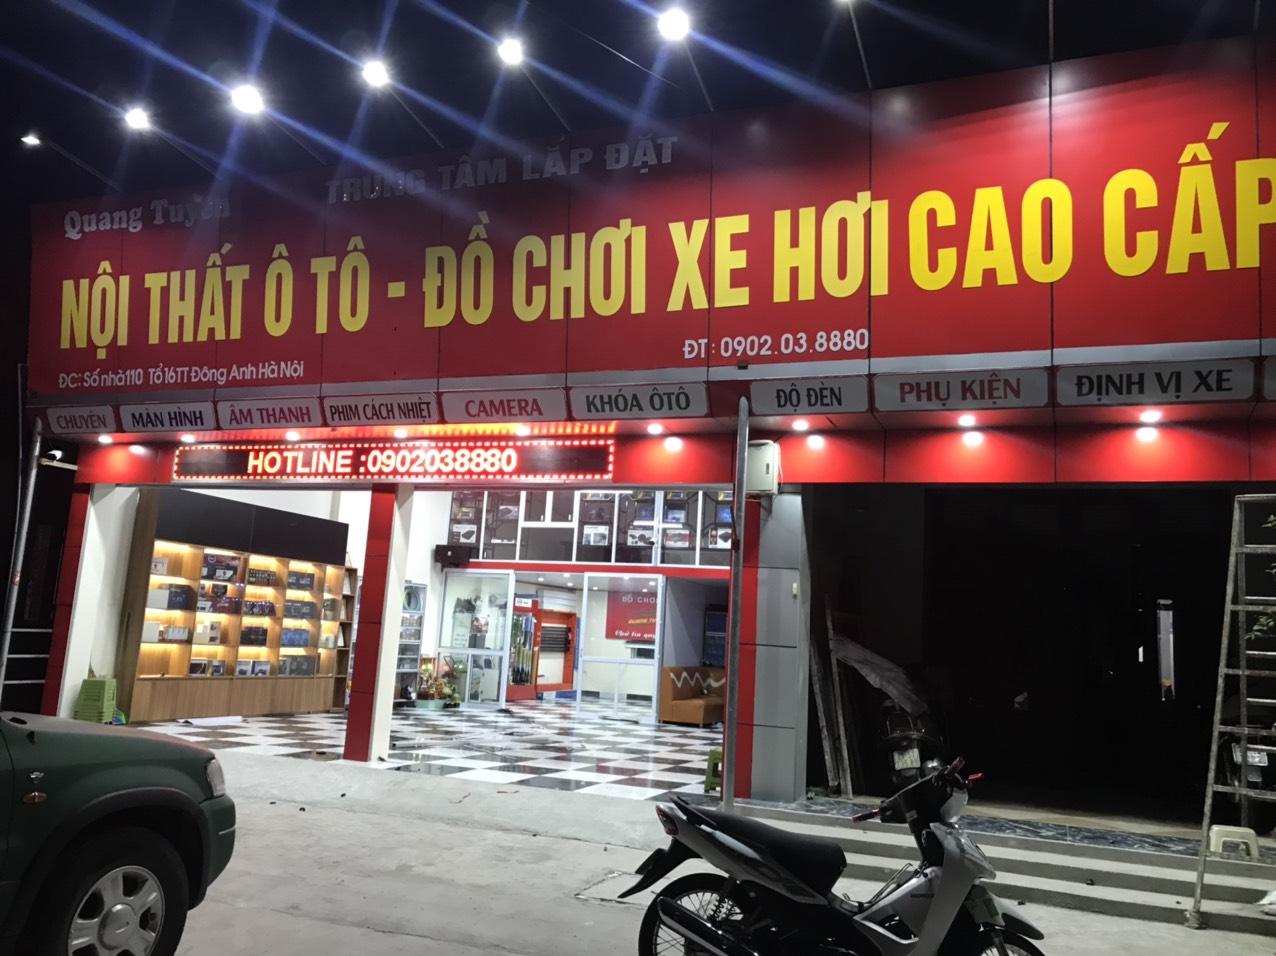 Trung tâm nội thất ô tô – đồ chơi xe hơi Quang Tuyên